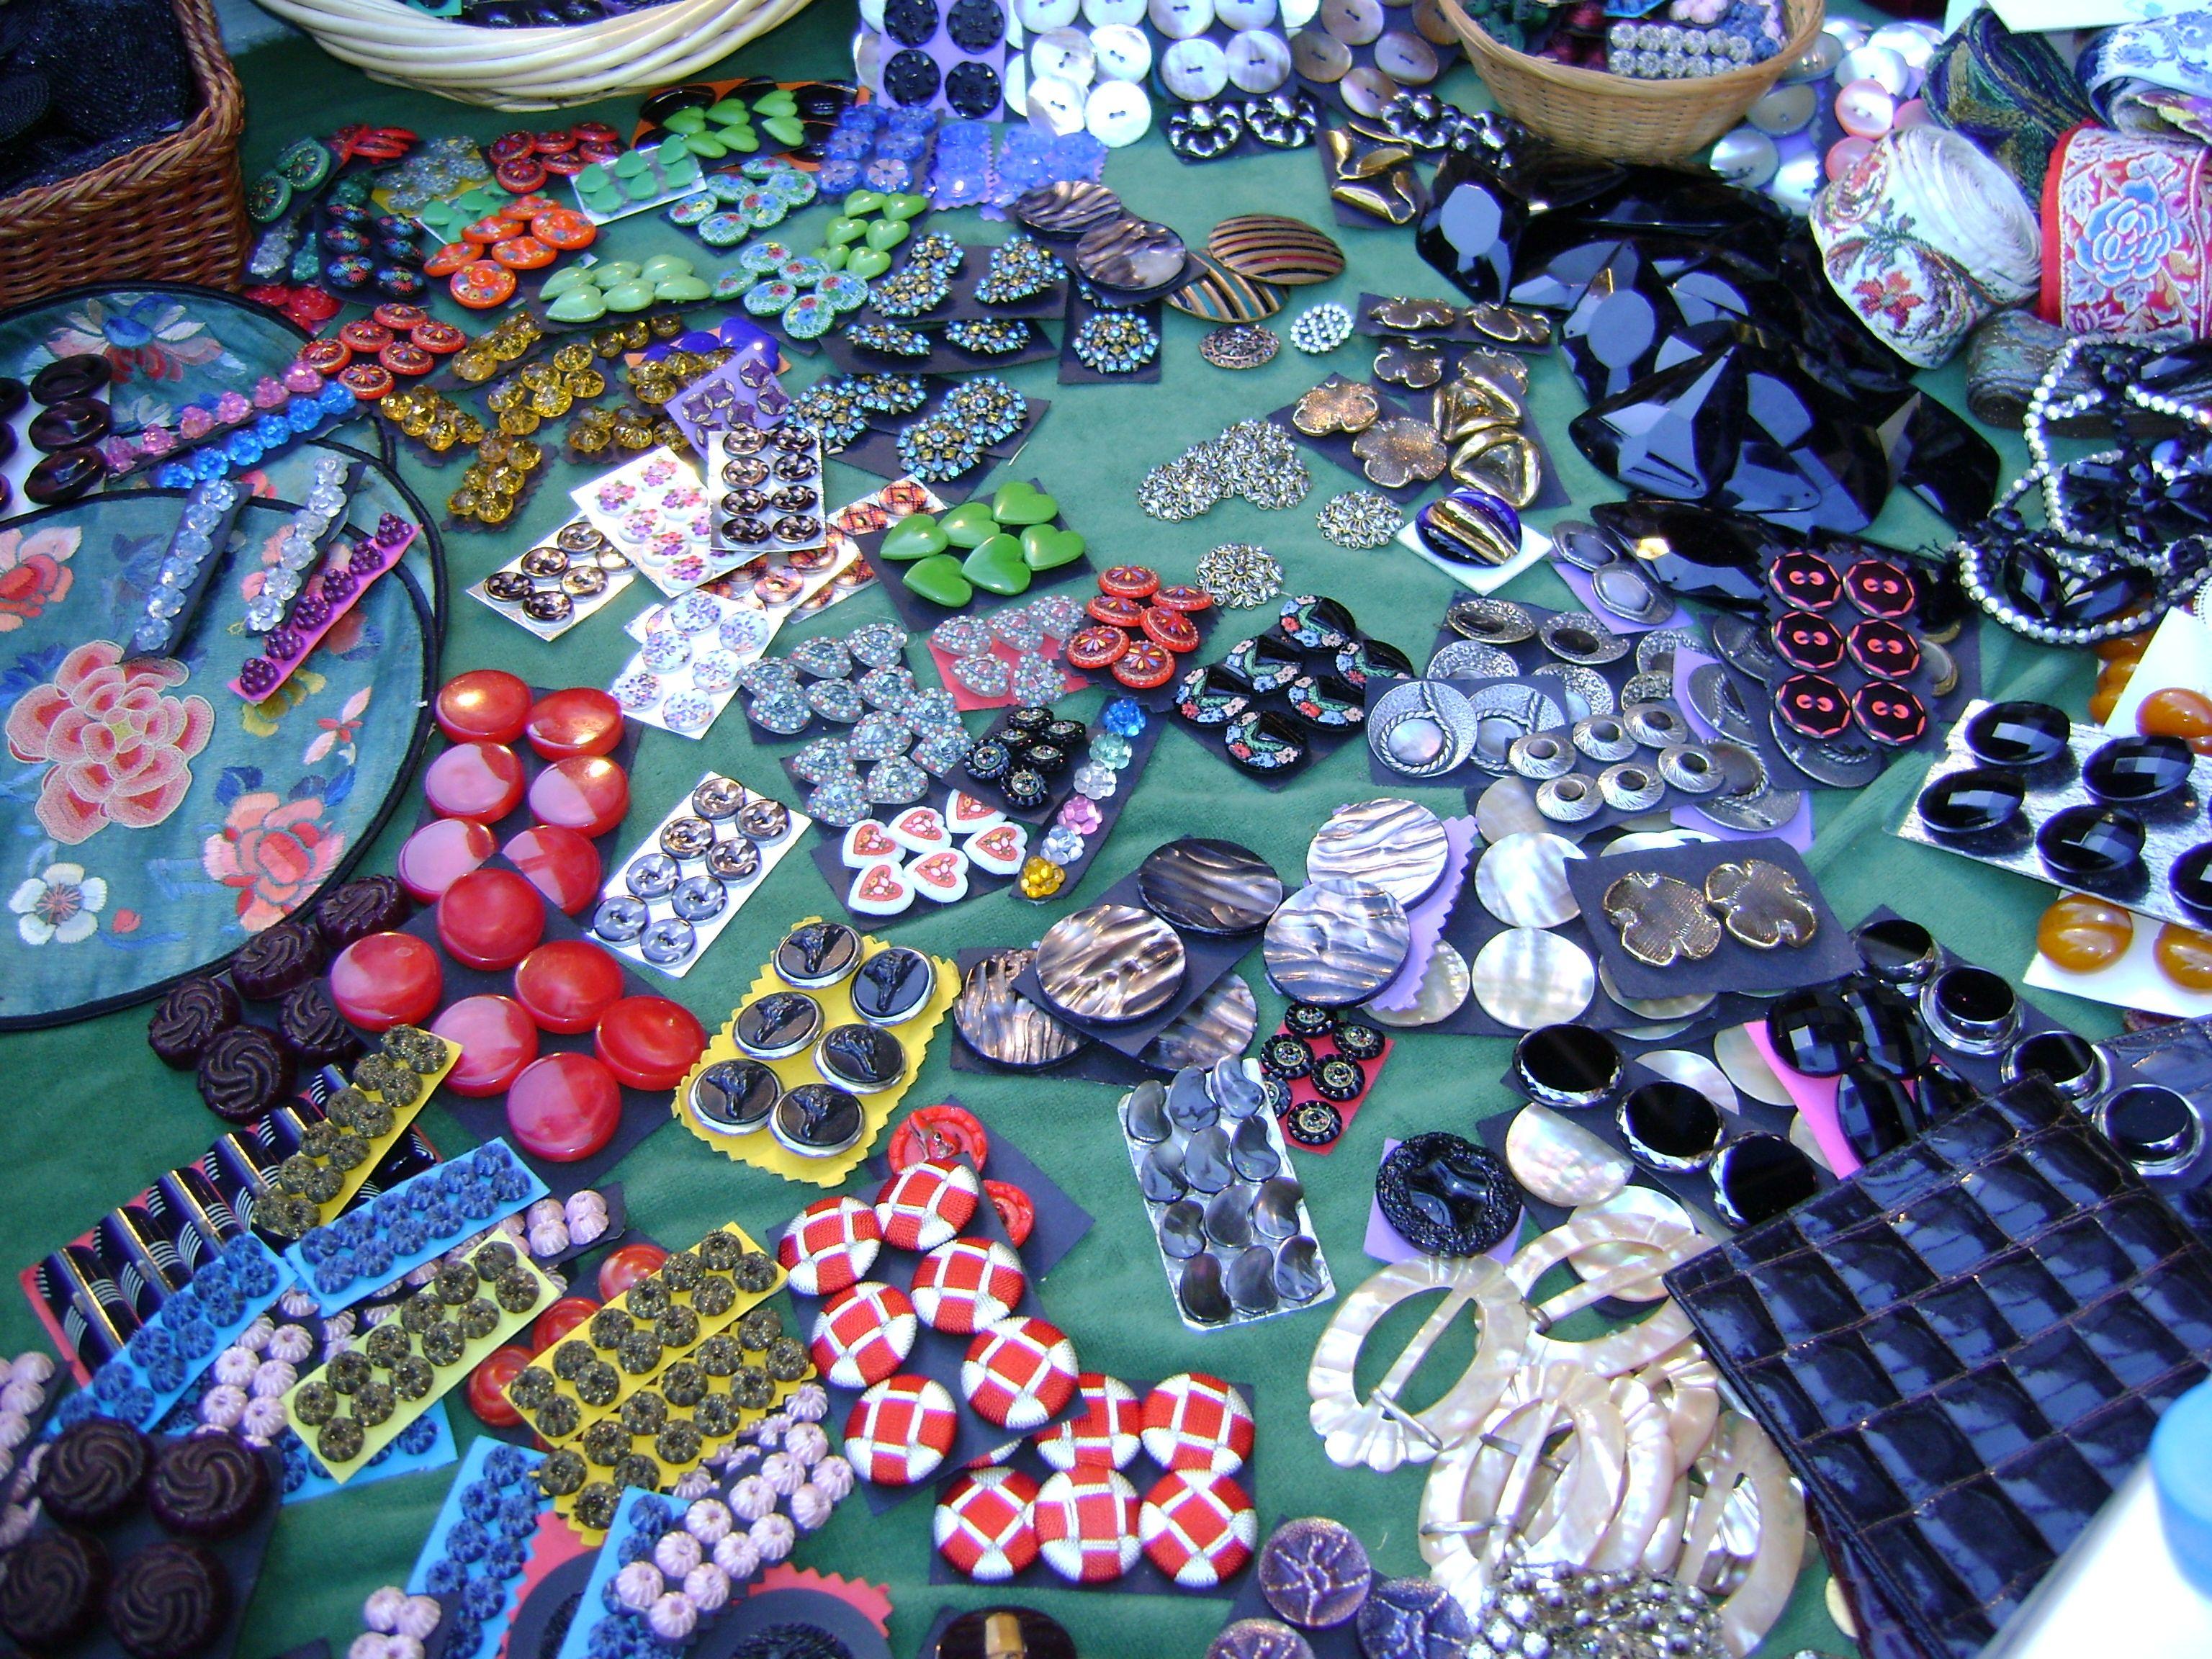 Portobello Market, Londres, Inglaterra (photo by Ana Luiza Couto)